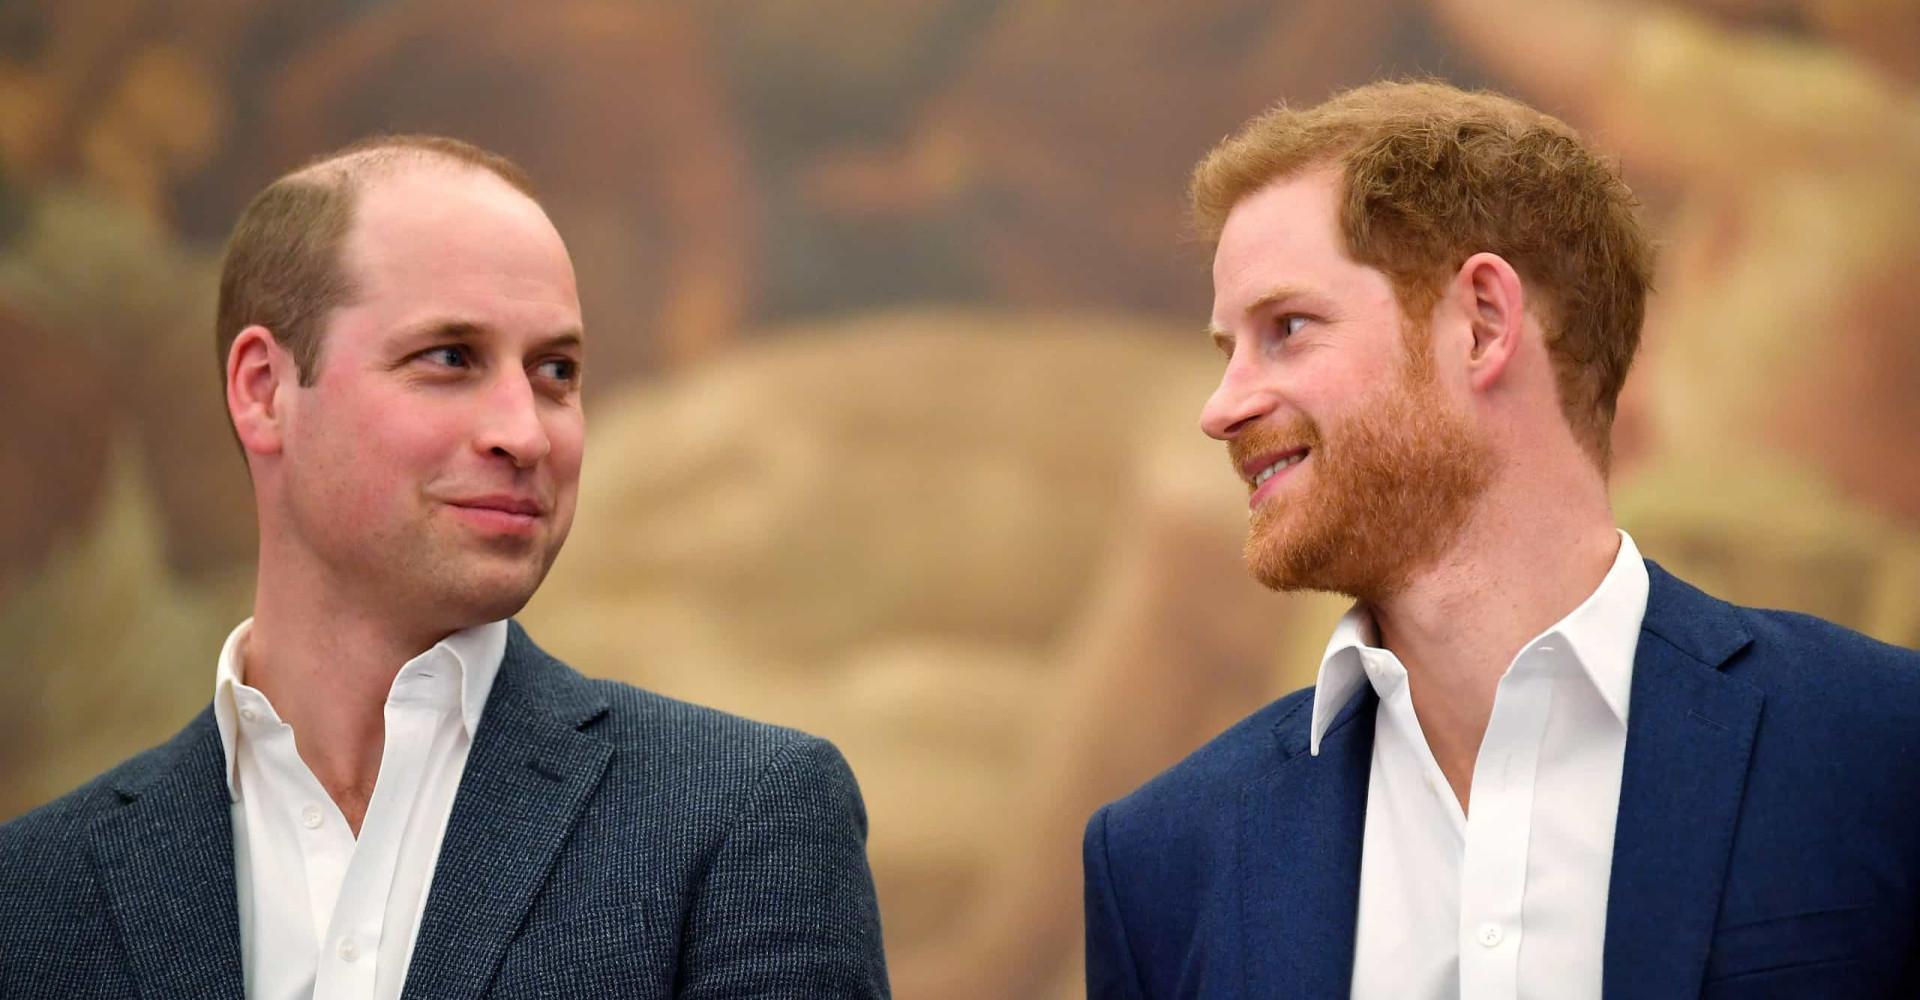 El fuerte vínculo existente entre los príncipes William y Harry